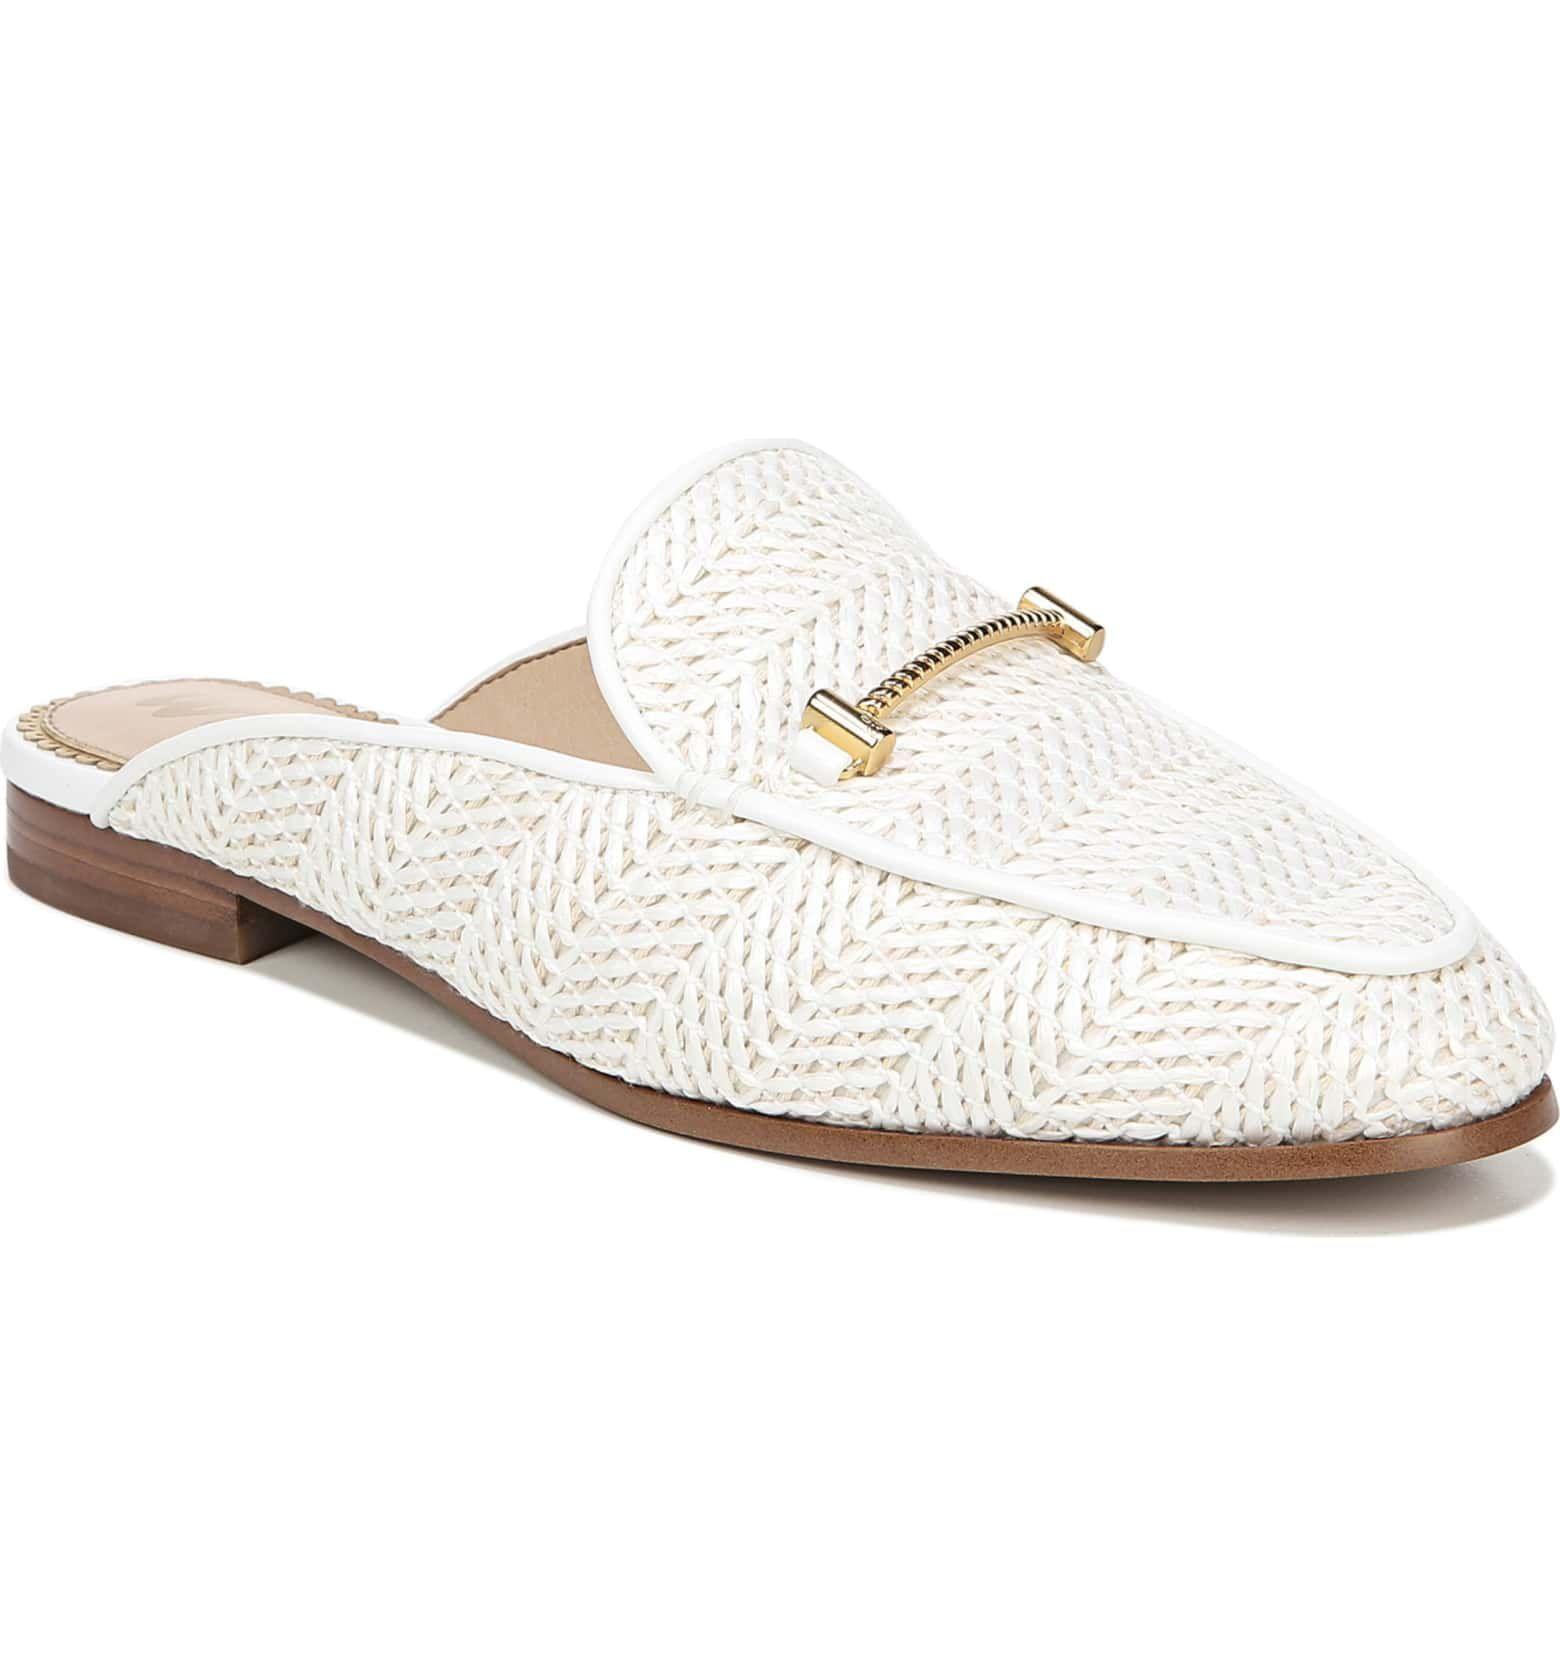 8e9a6118efeedc 24 Chic Beach Wedding Shoes